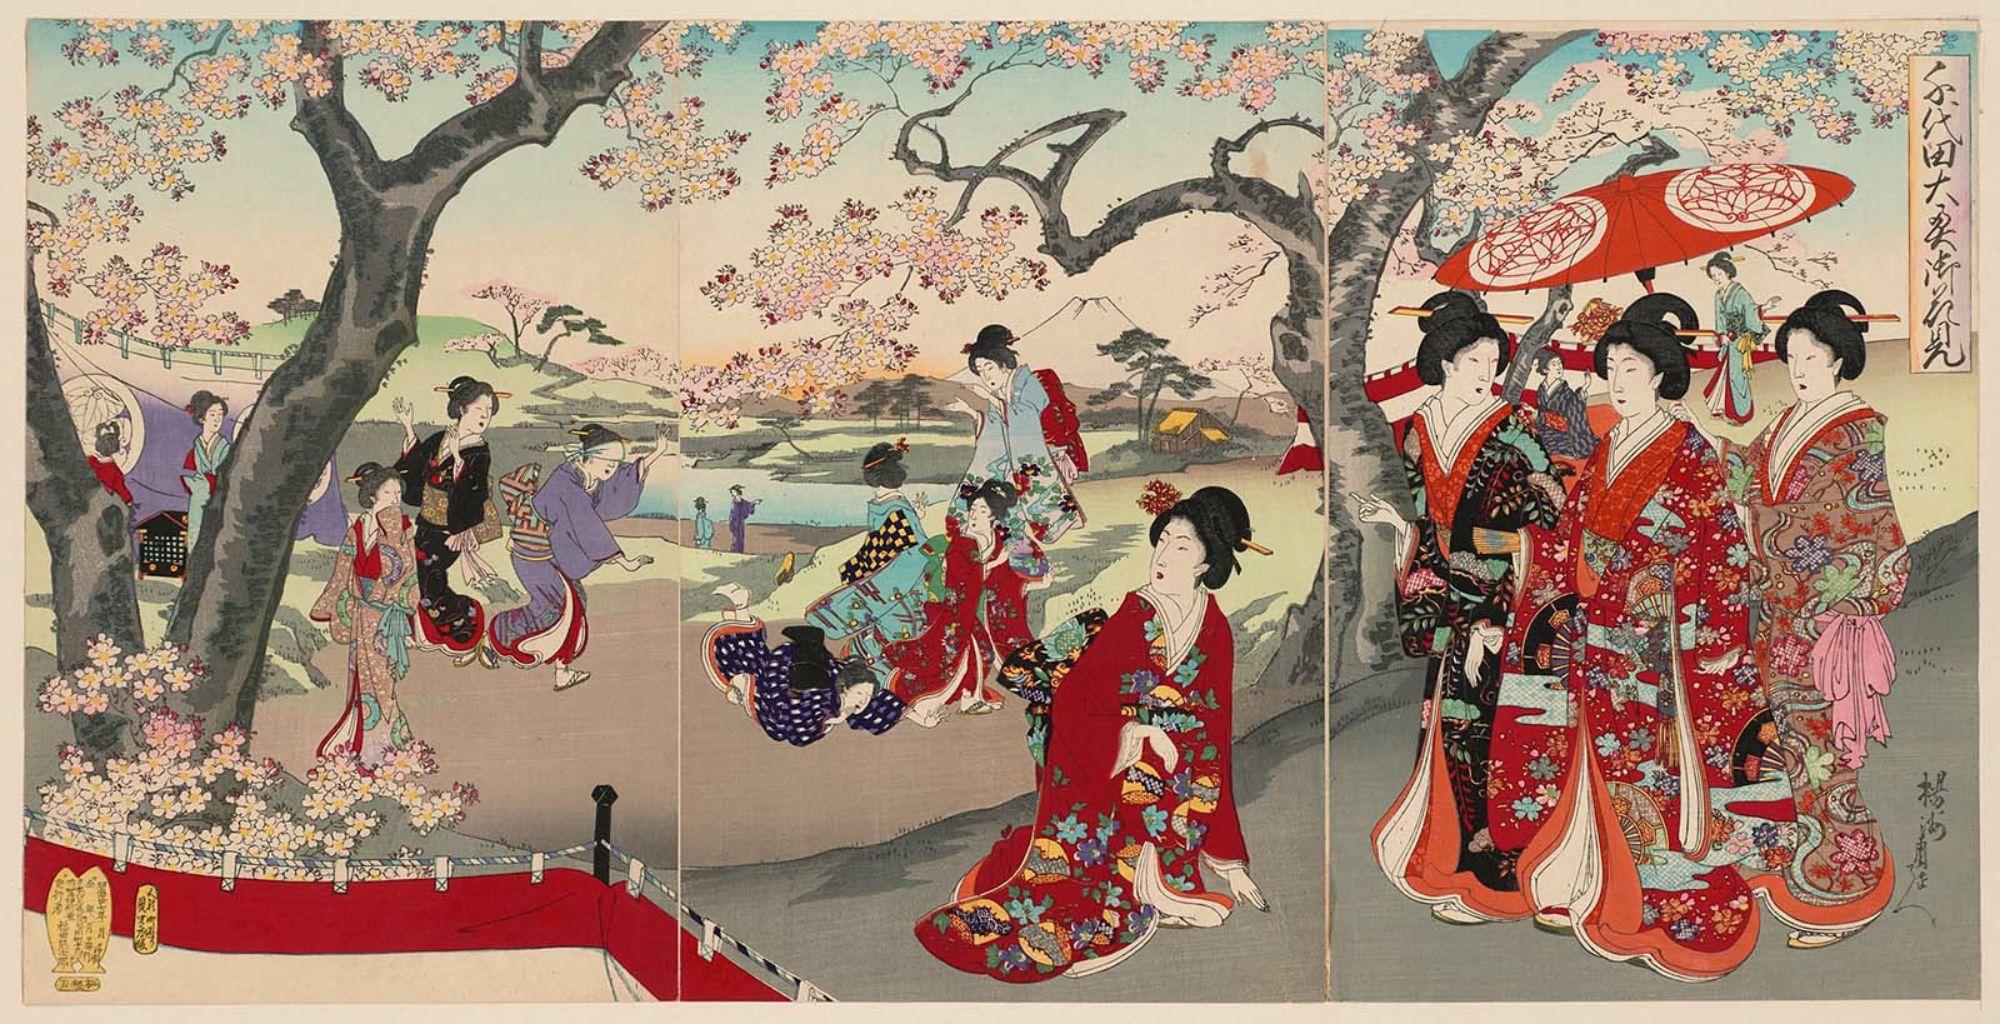 Χανάμι στις ανθισμένες κερασιές - Τογιοχάρα Τσικανόμπου 豊原周延 (1838–1912)